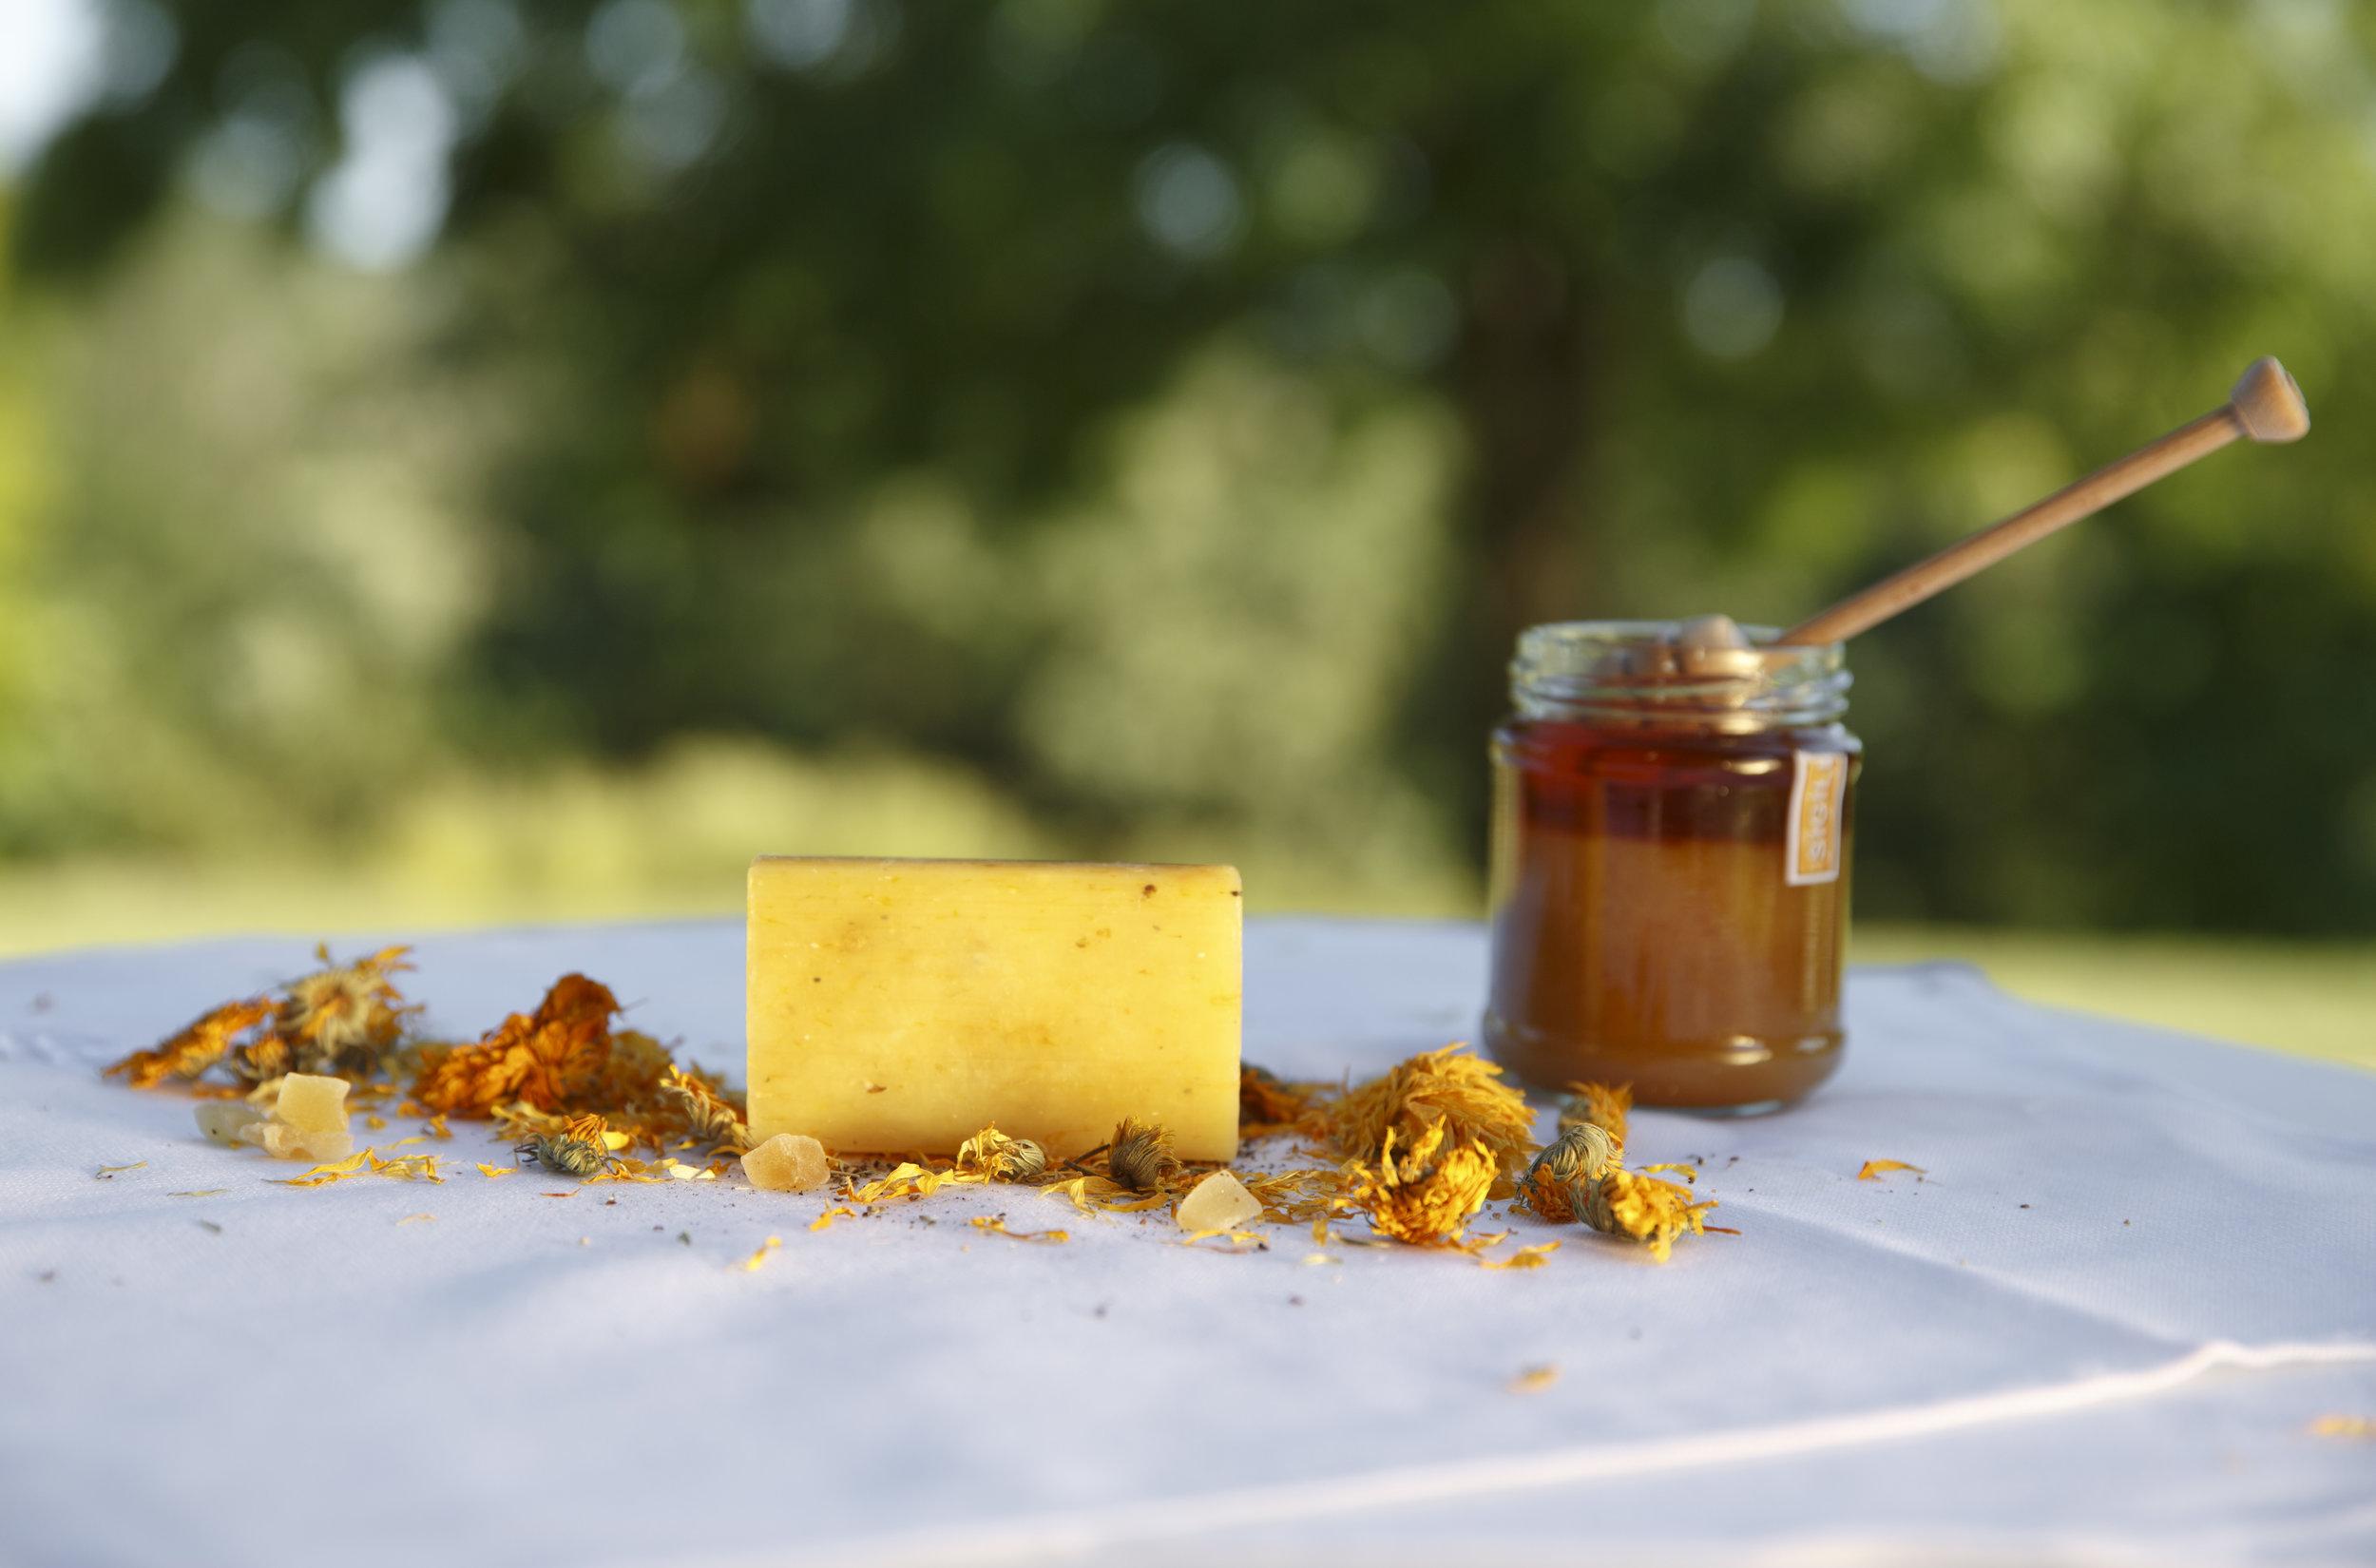 saponetta vegetale con miele e fiori di calendula